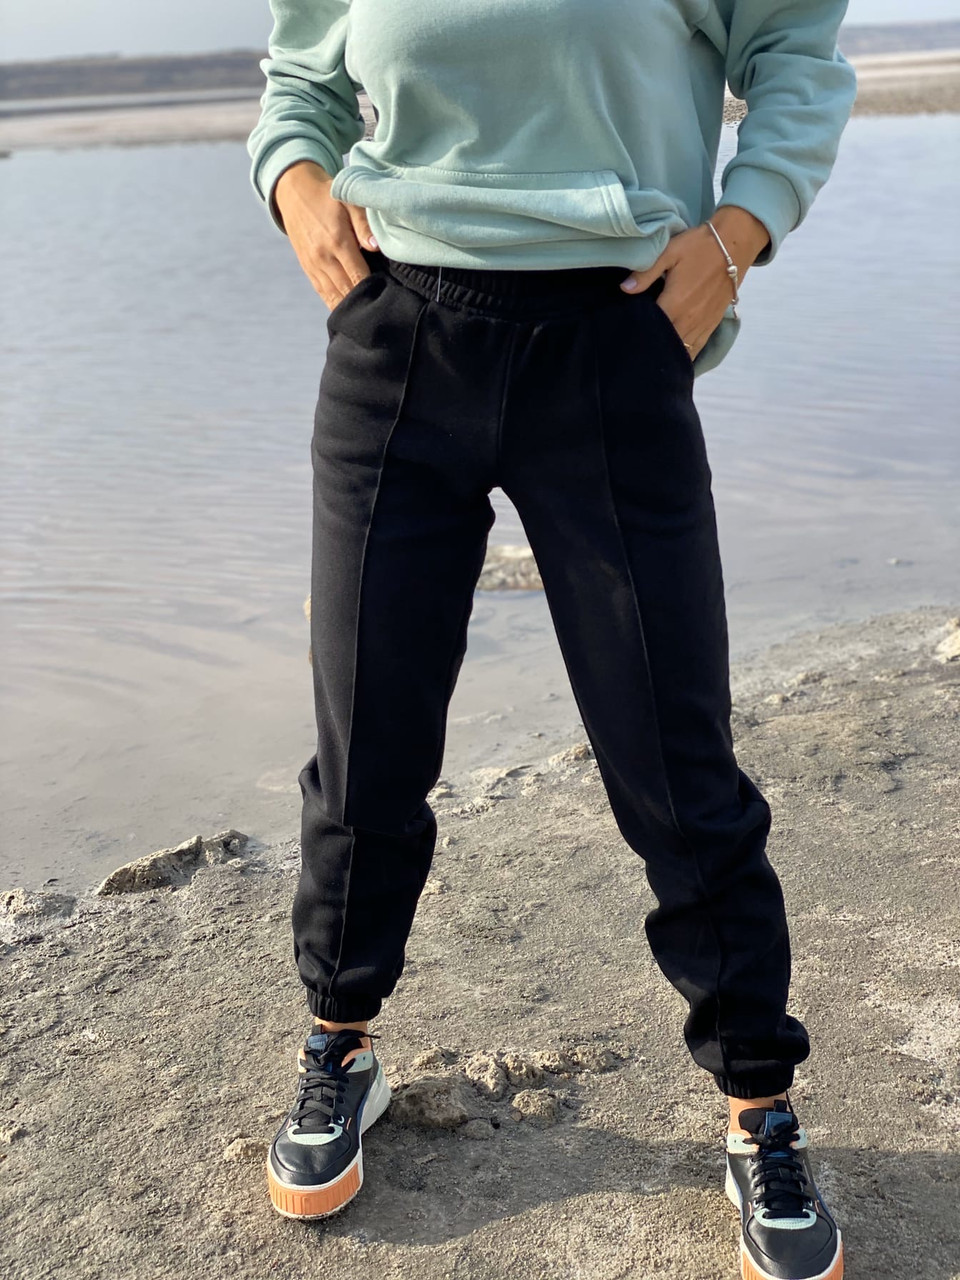 Спортивные штаны женские тёплые. Цвета: чёрный, серый, беж. Размеры: 42-44, 46-48, 50-52